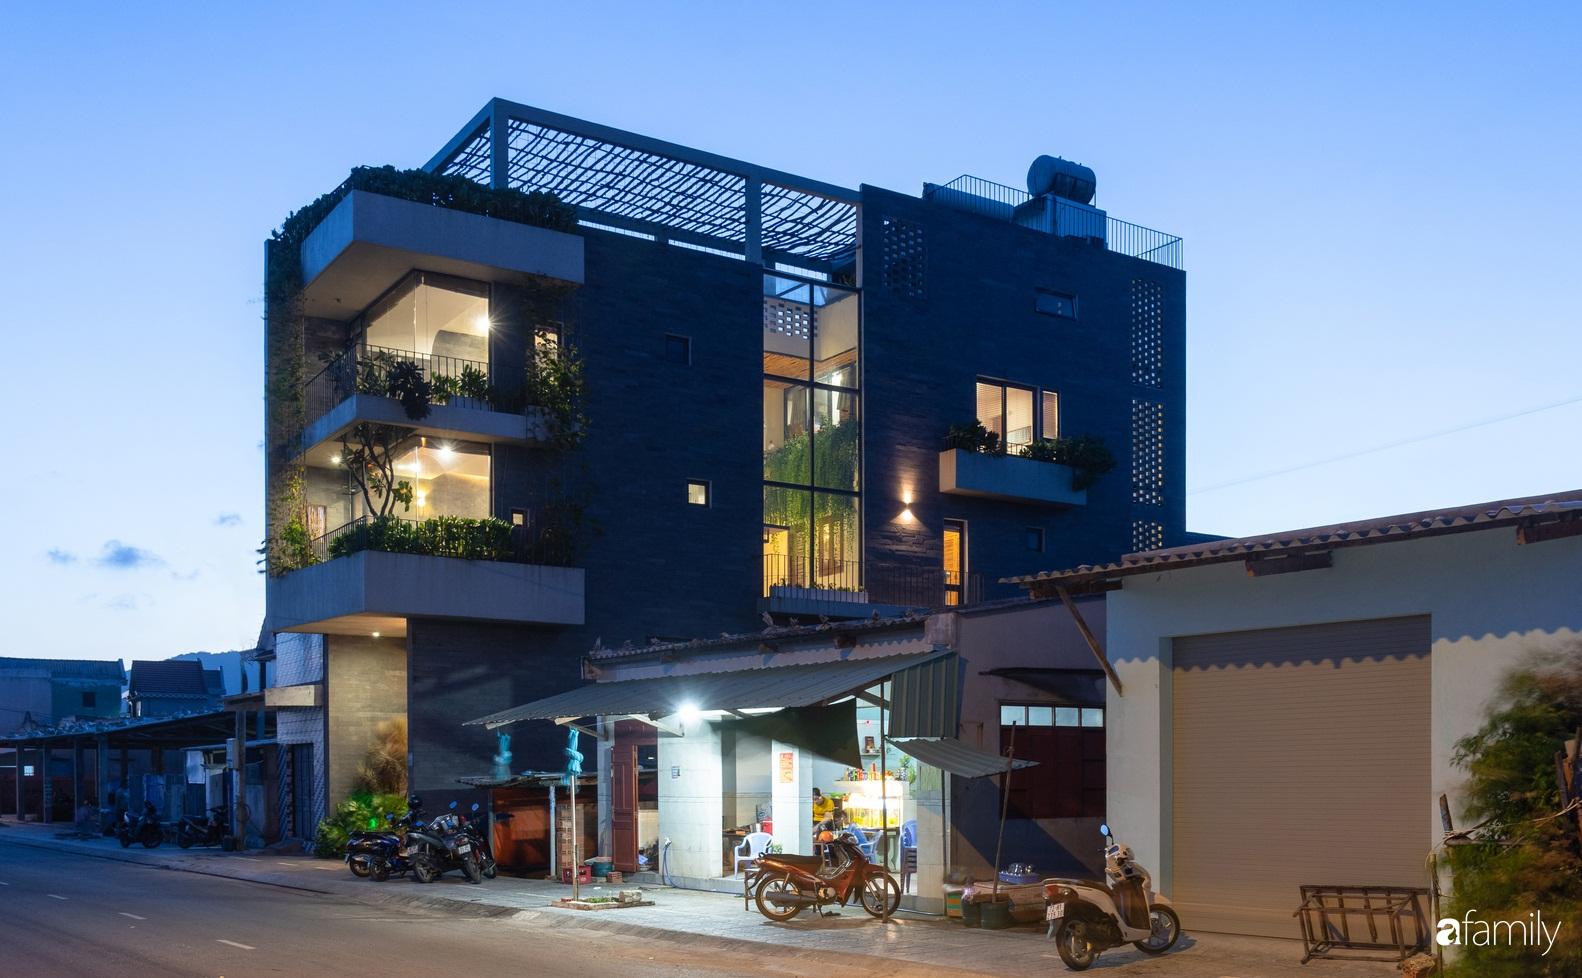 Ngôi nhà 3 tầng view biển Vũng Tàu với thiết kế mang ánh sáng và cây xanh đến từng góc nhỏ - Ảnh 2.